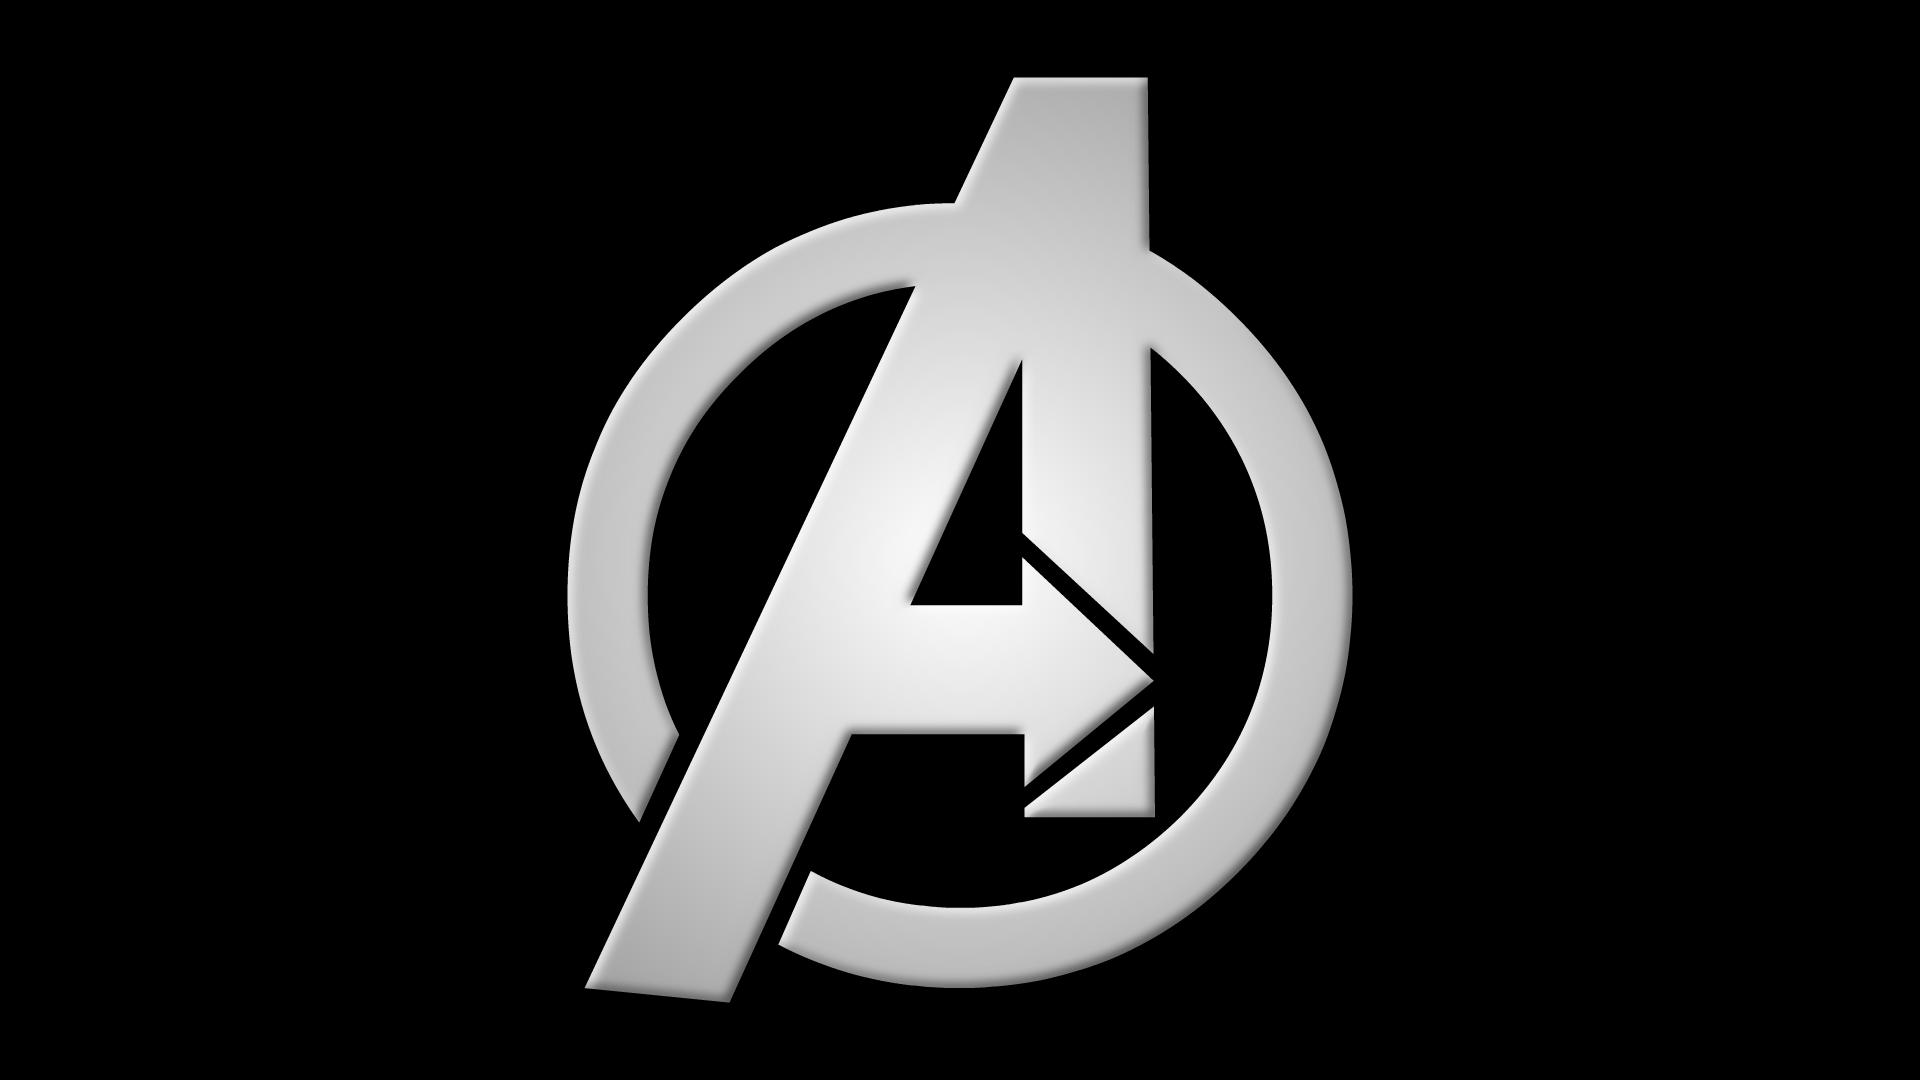 Avengers Symbol by Yurtigo on DeviantArt